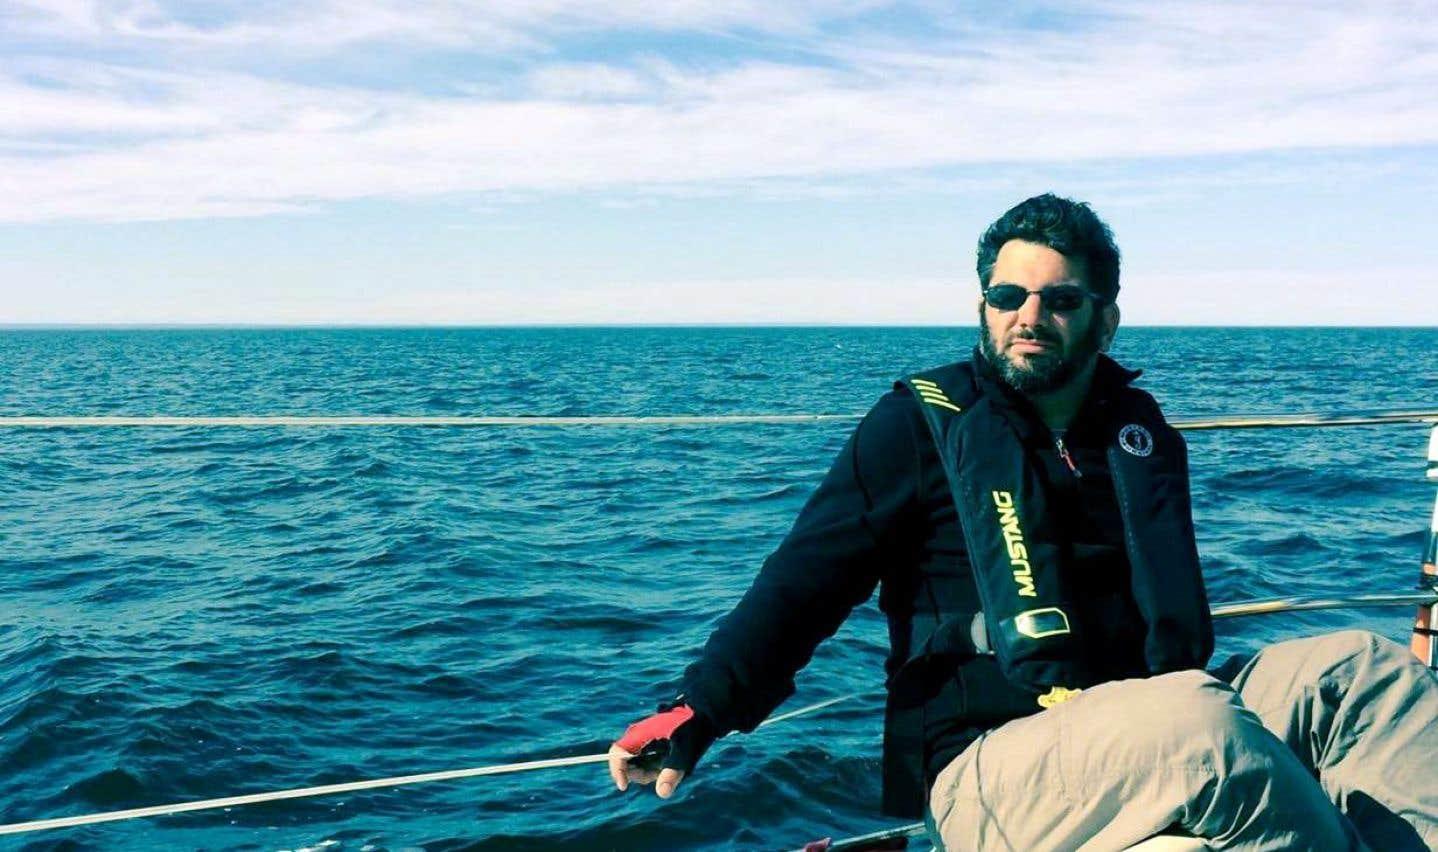 Le dramaturge Olivier Kemeid a puisé dans une rencontre faite lors d'un voyage en mer avec sa famille, à l'aube de l'adolescence.